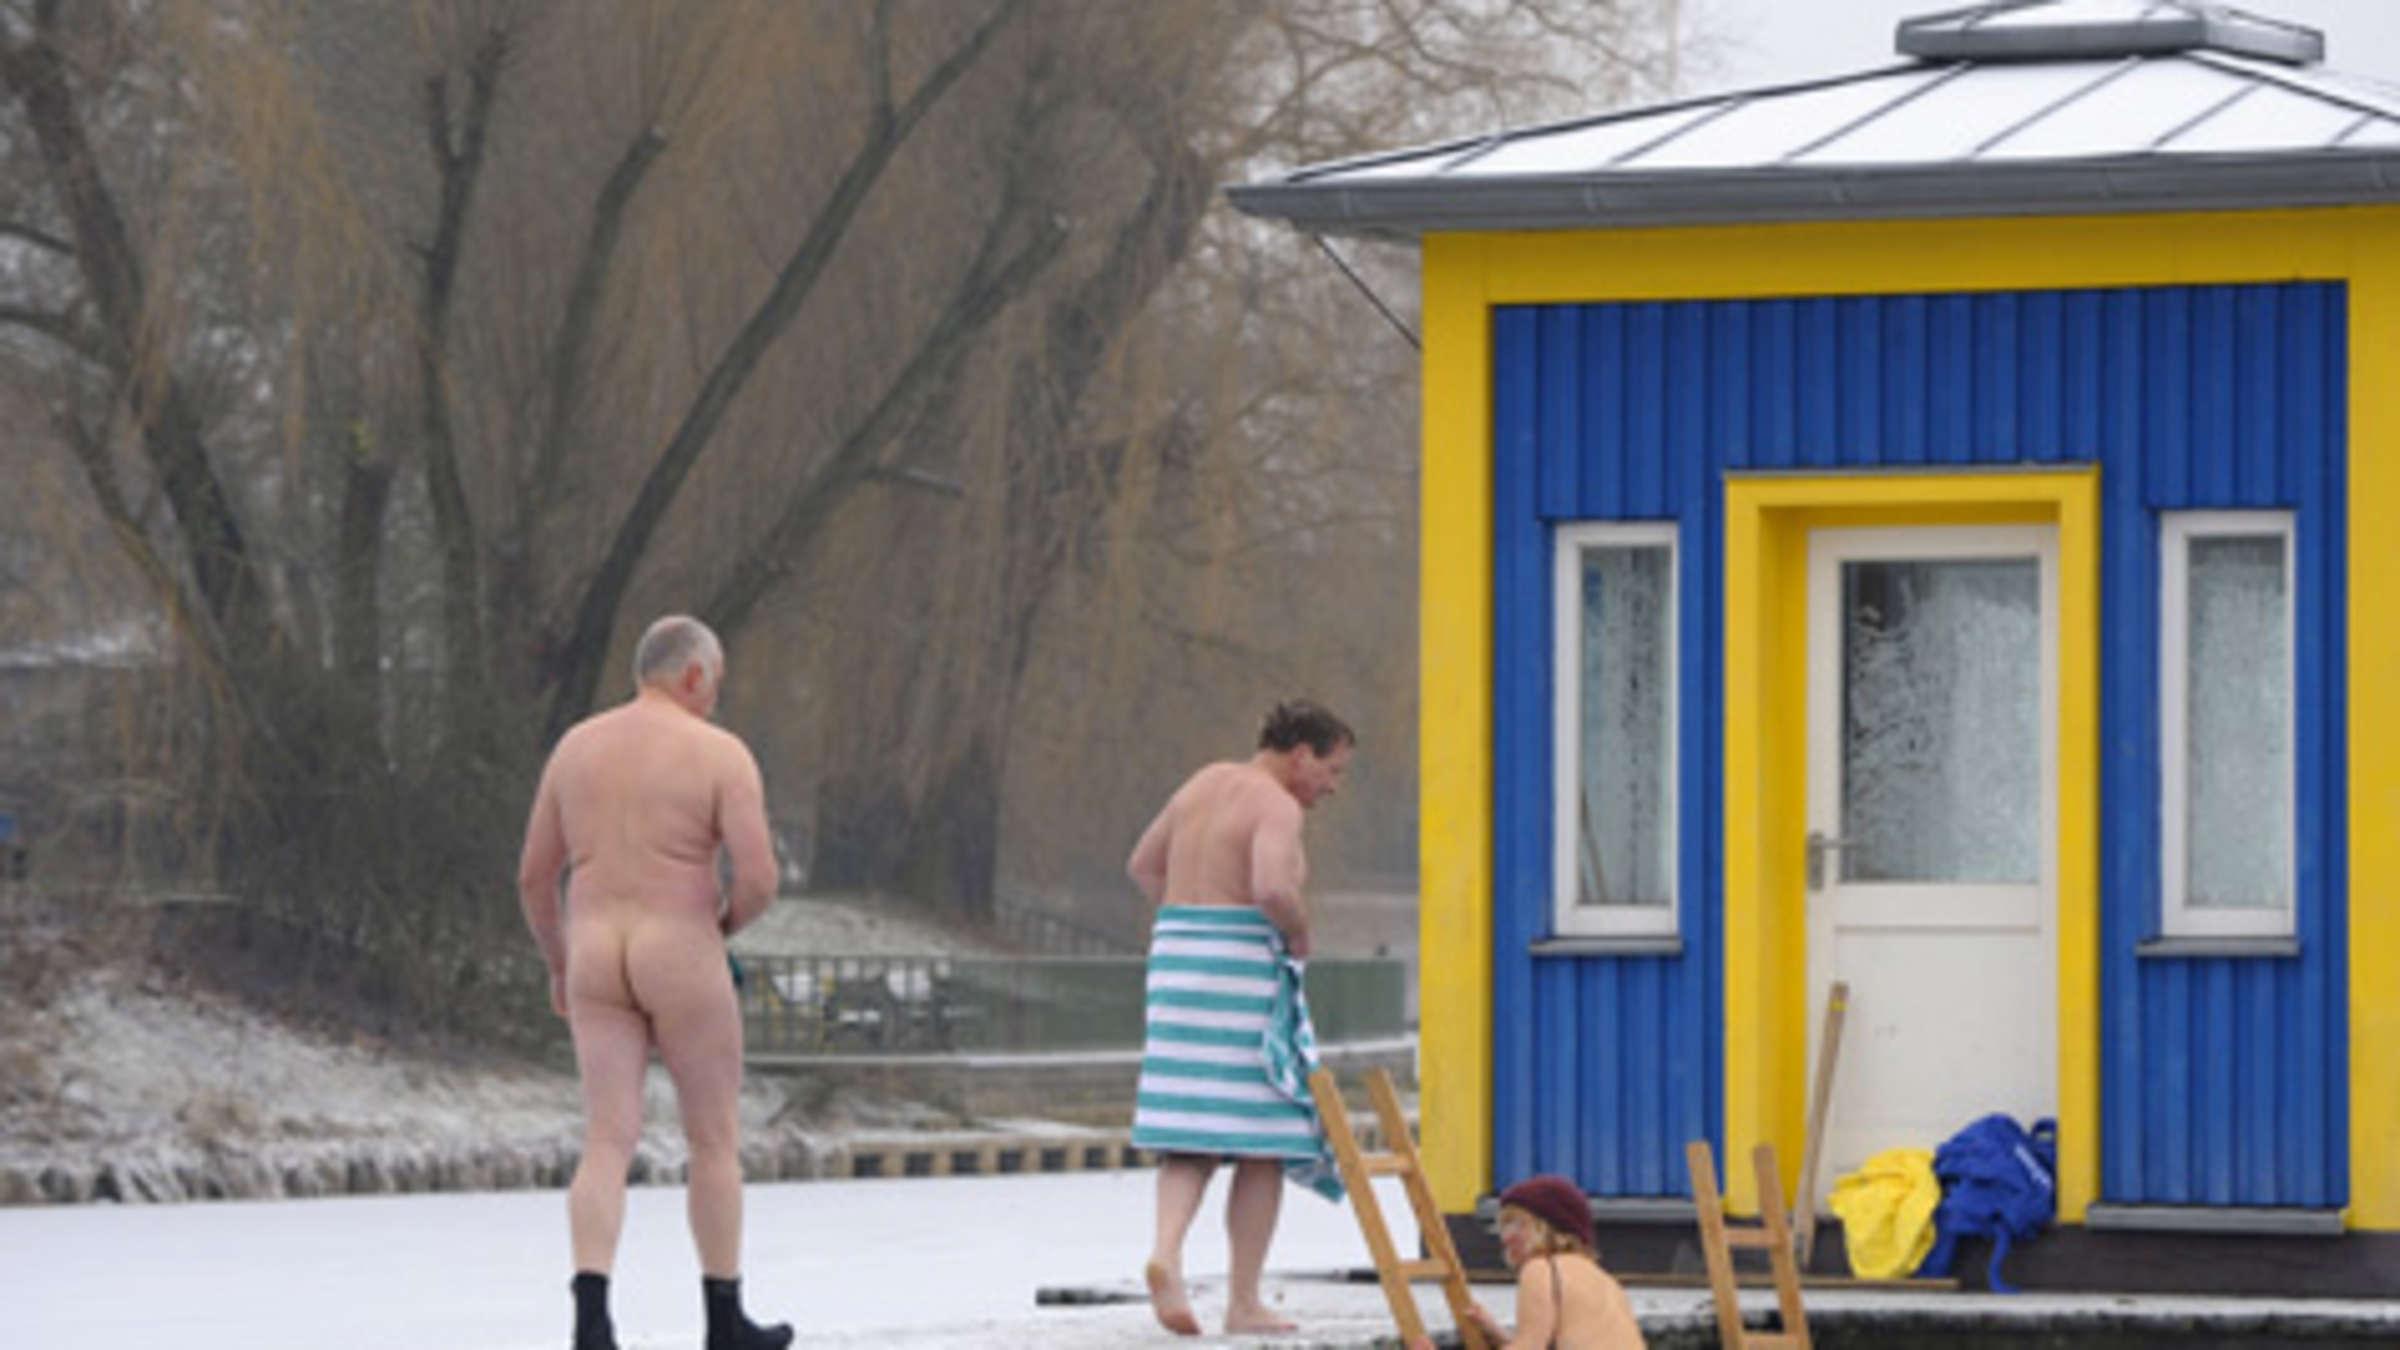 Klassenfahrt nackt baden Auf Klassenfahrt